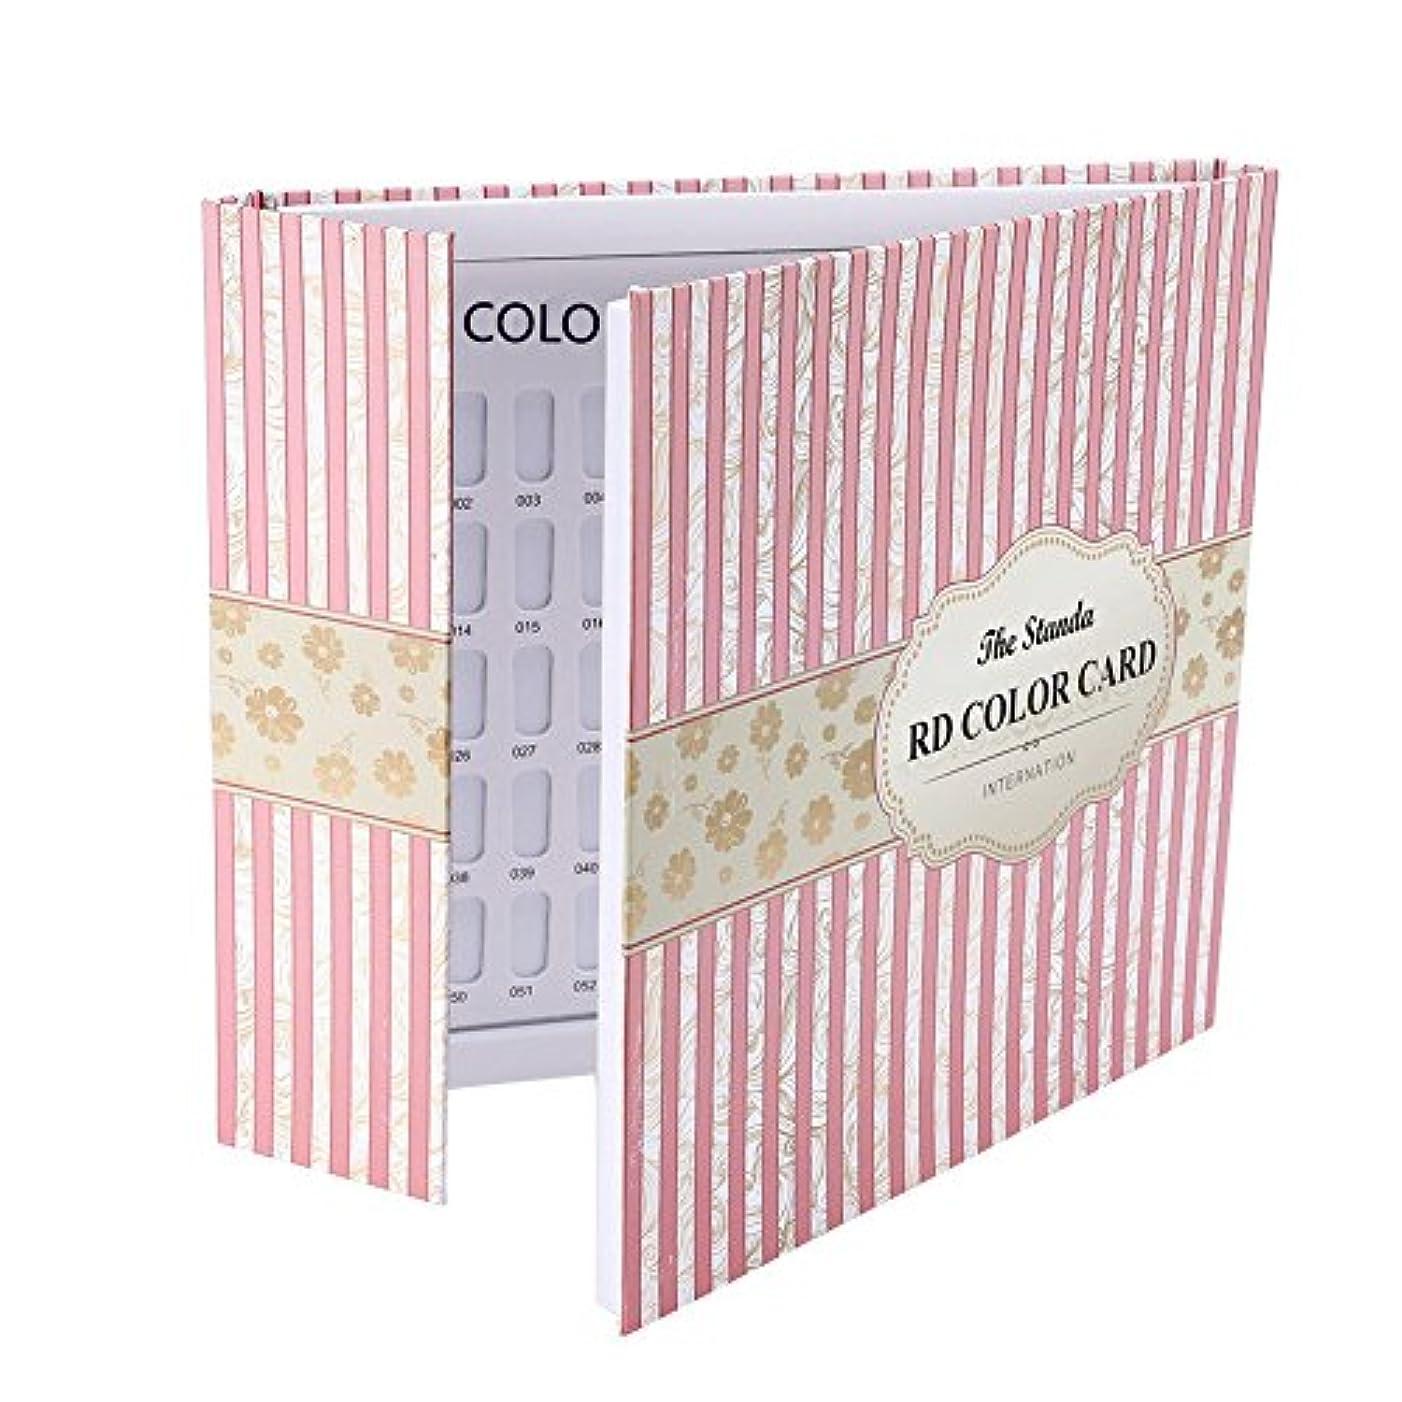 概要時代反発カラーチャート ブック - Delaman ネイル 色見本、ブック型 、ジェルネイル、カラーガイド、サンプル帳、120色 (ストライプカバー)